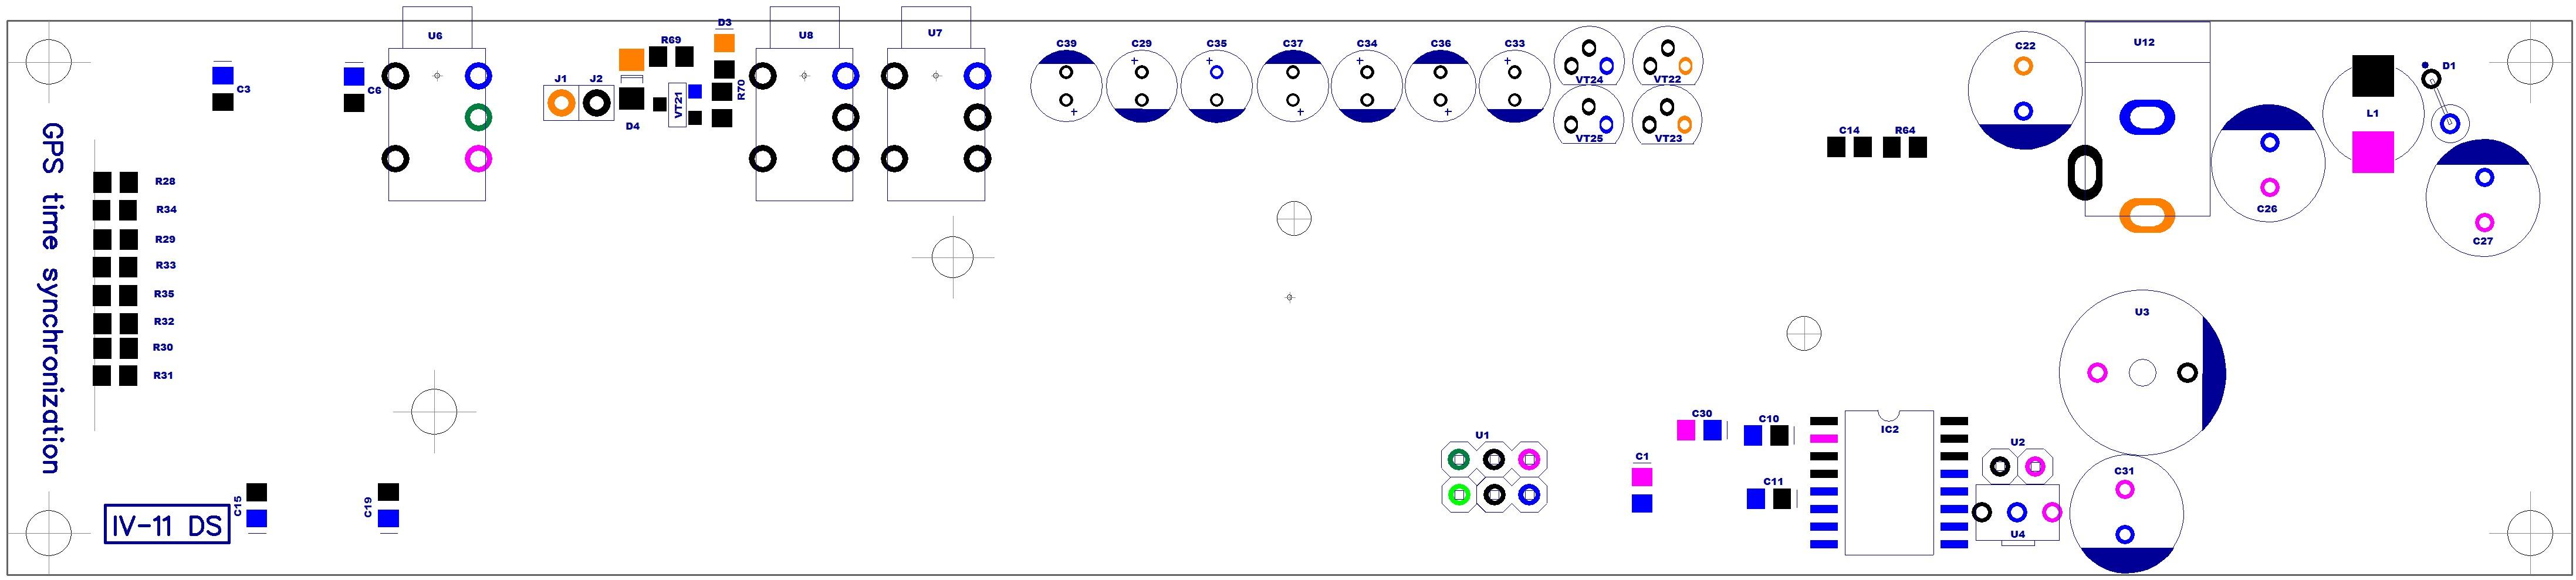 Монтажная схема низ-метки.jpg